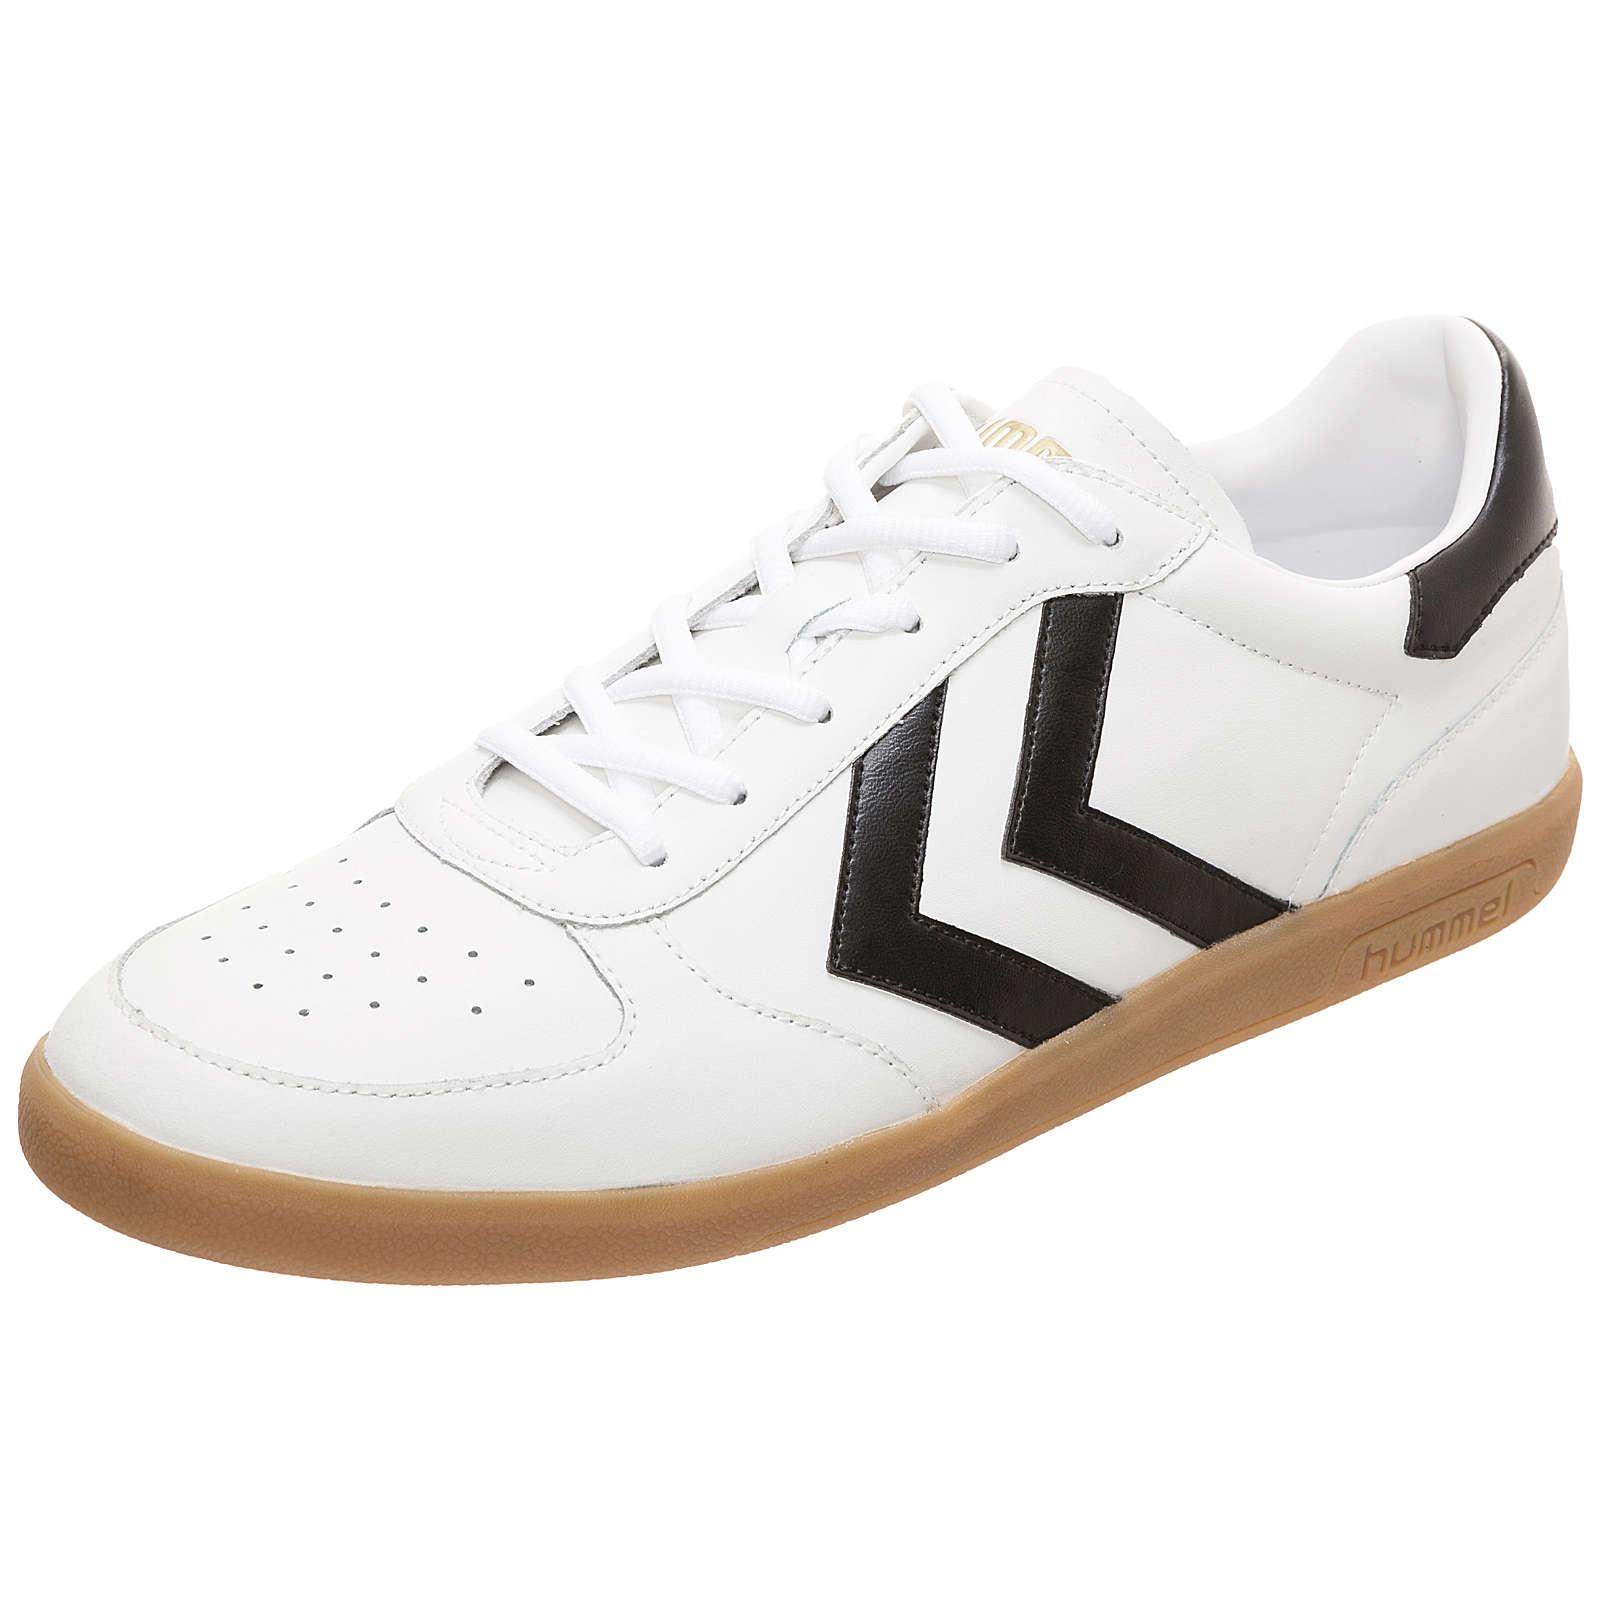 hummel Sneakers Low weiß Damen Gr. 43